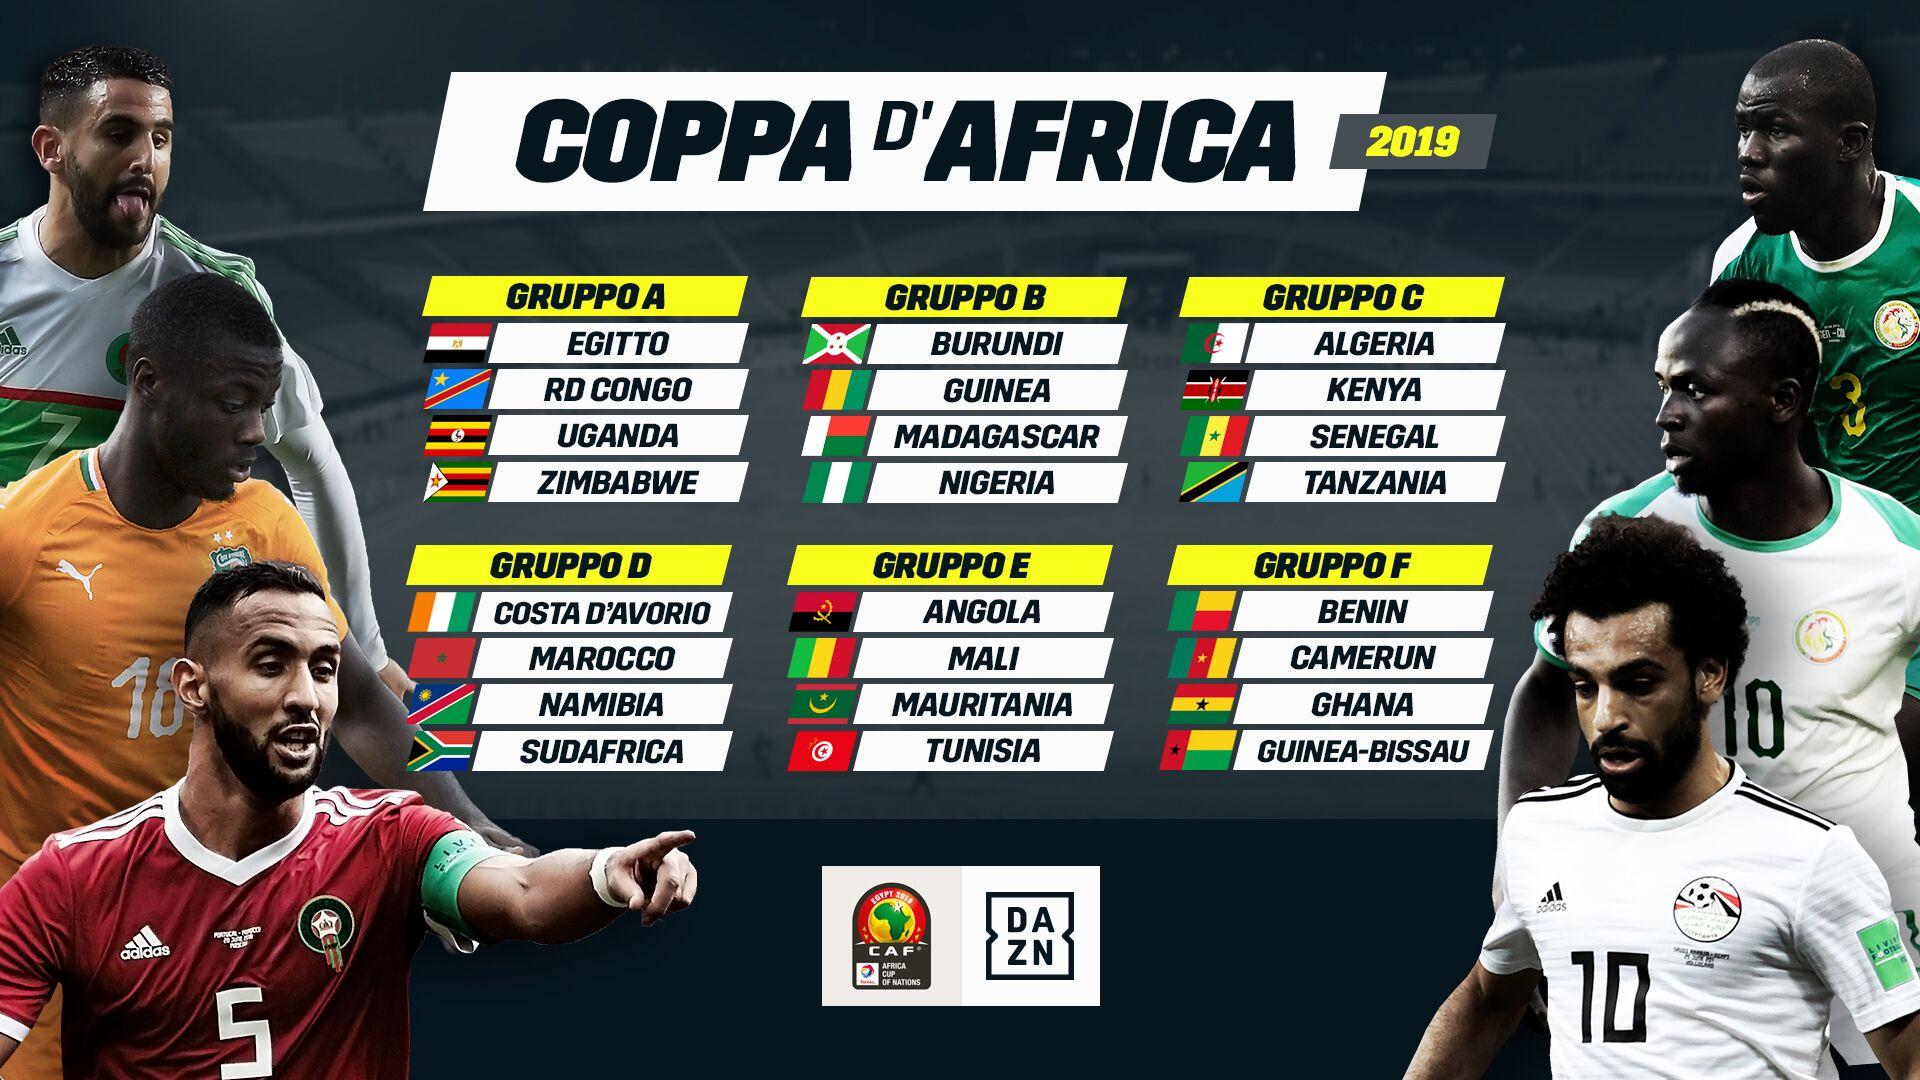 DAZN, Coppa Africa 2a Giornata, Diretta Esclusiva, Palinsesto e Telecronisti